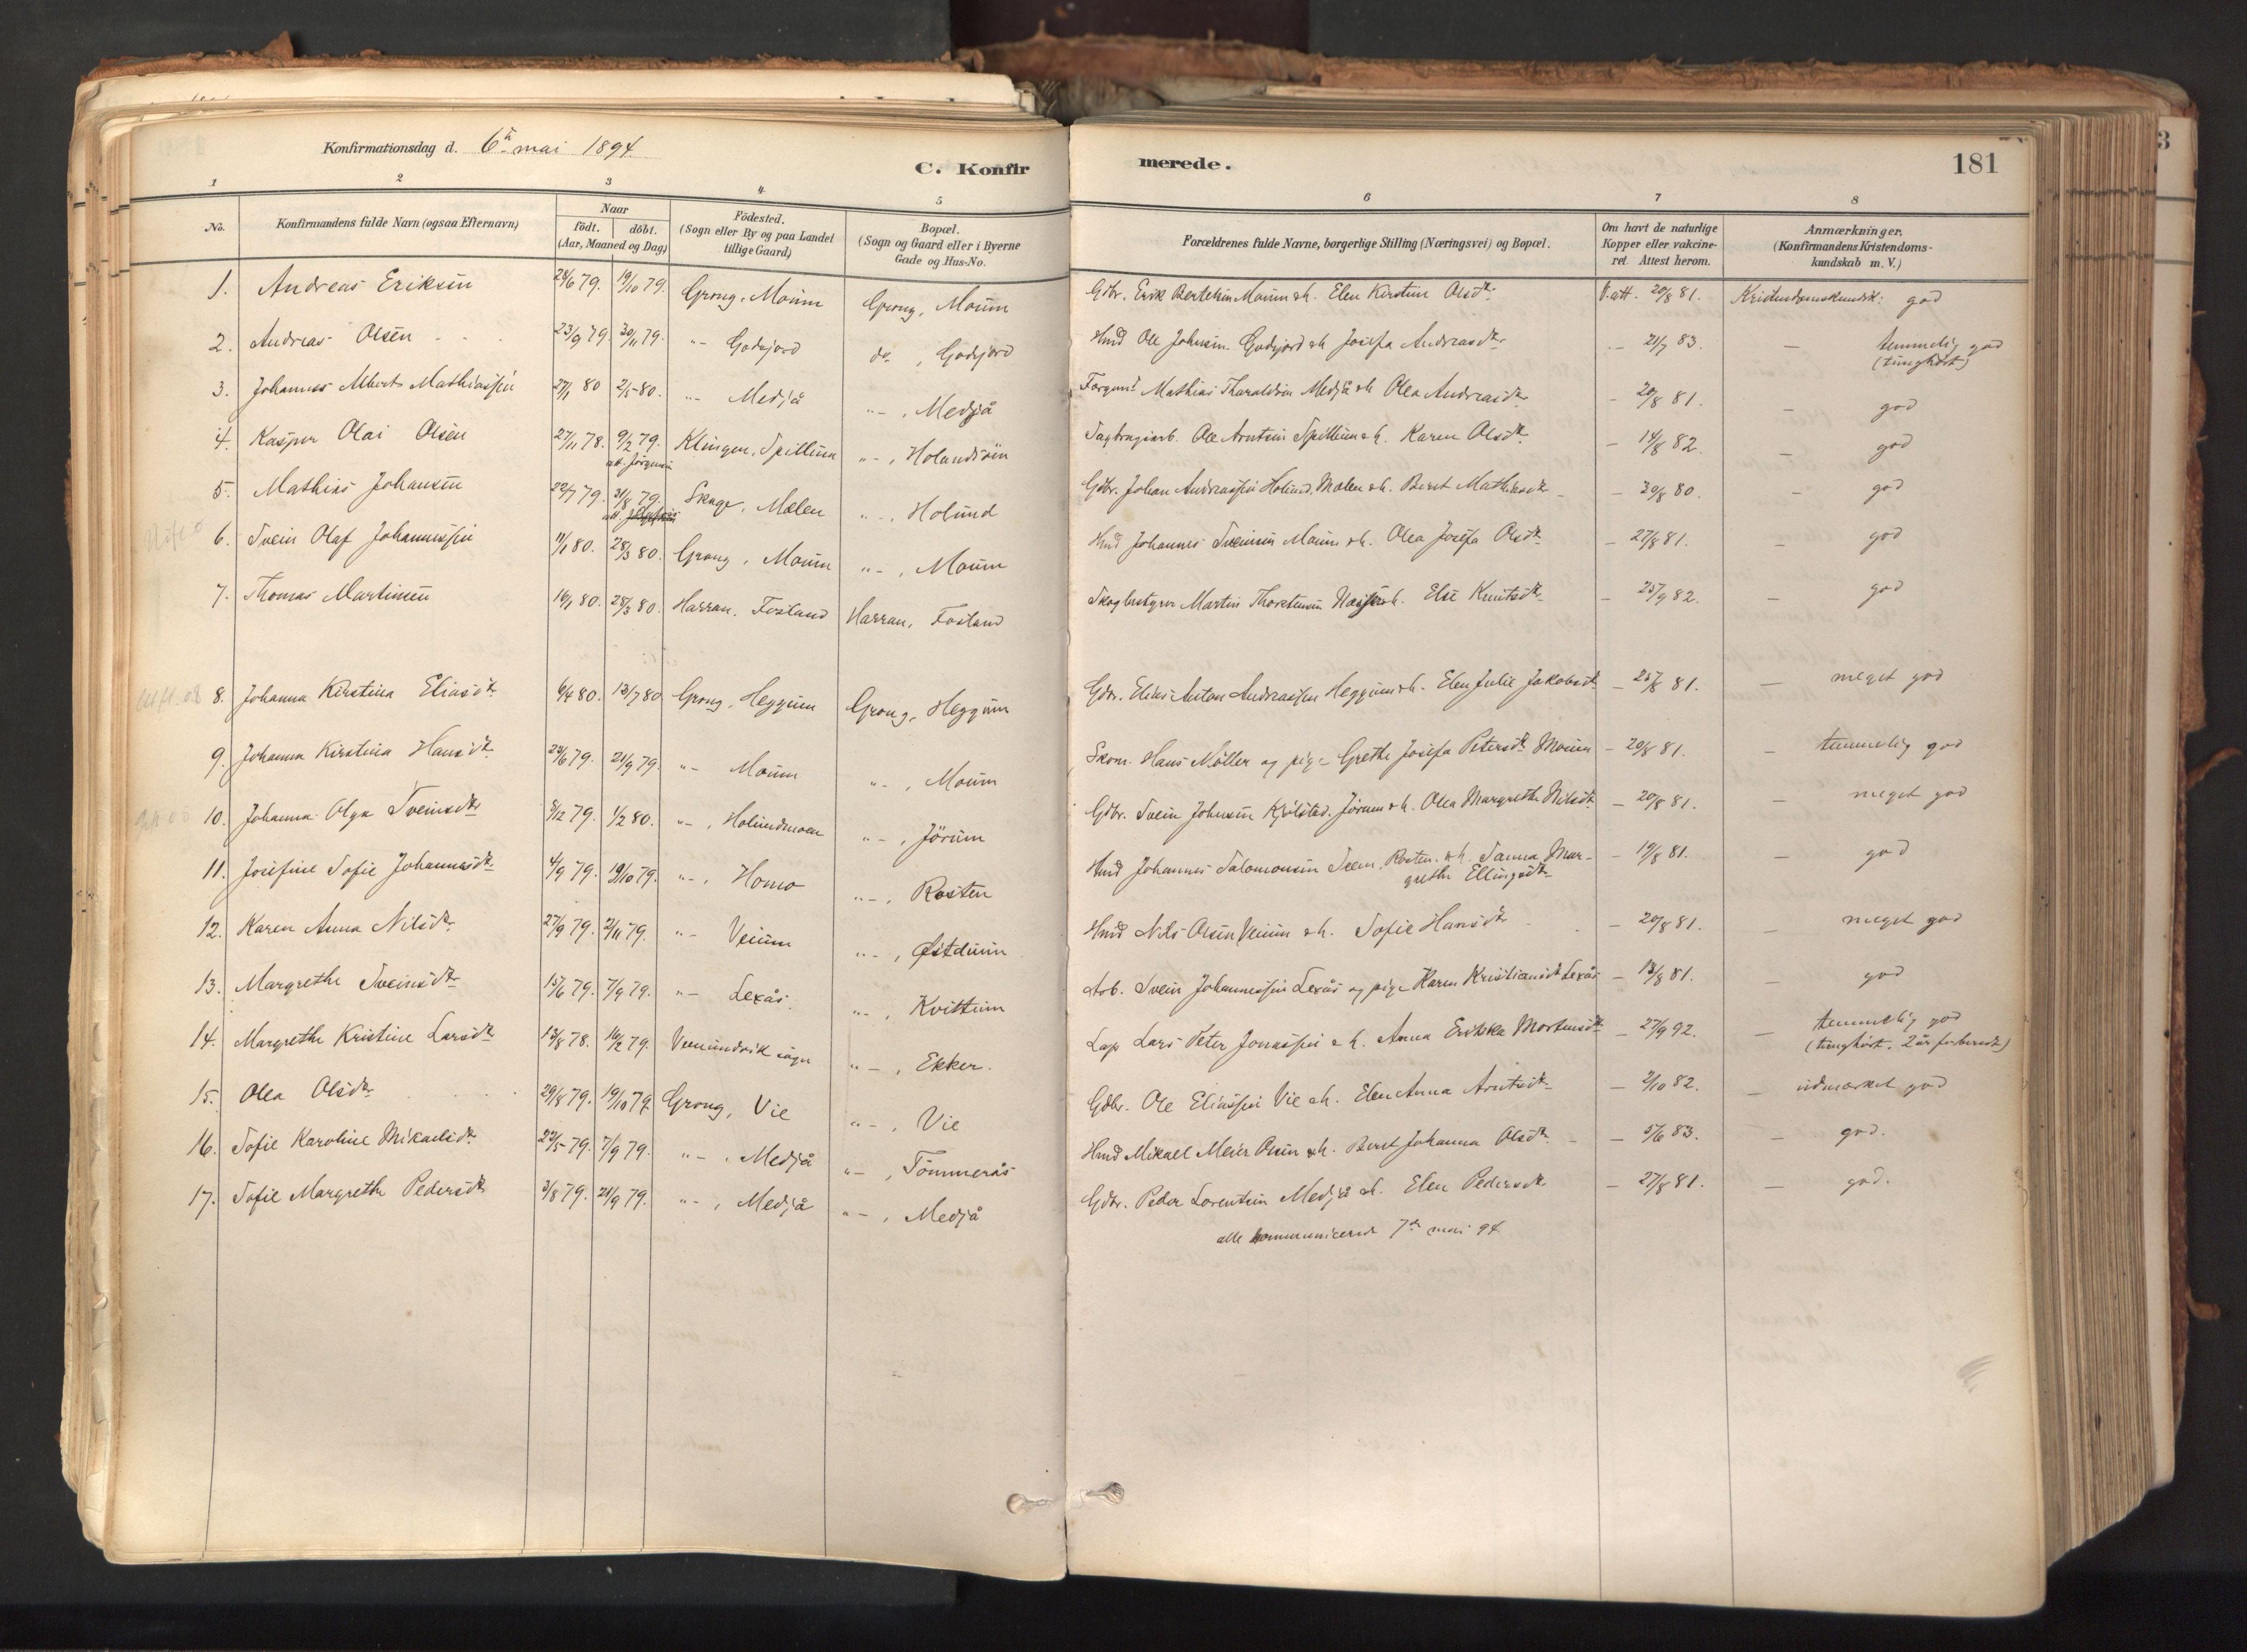 SAT, Ministerialprotokoller, klokkerbøker og fødselsregistre - Nord-Trøndelag, 758/L0519: Ministerialbok nr. 758A04, 1880-1926, s. 181